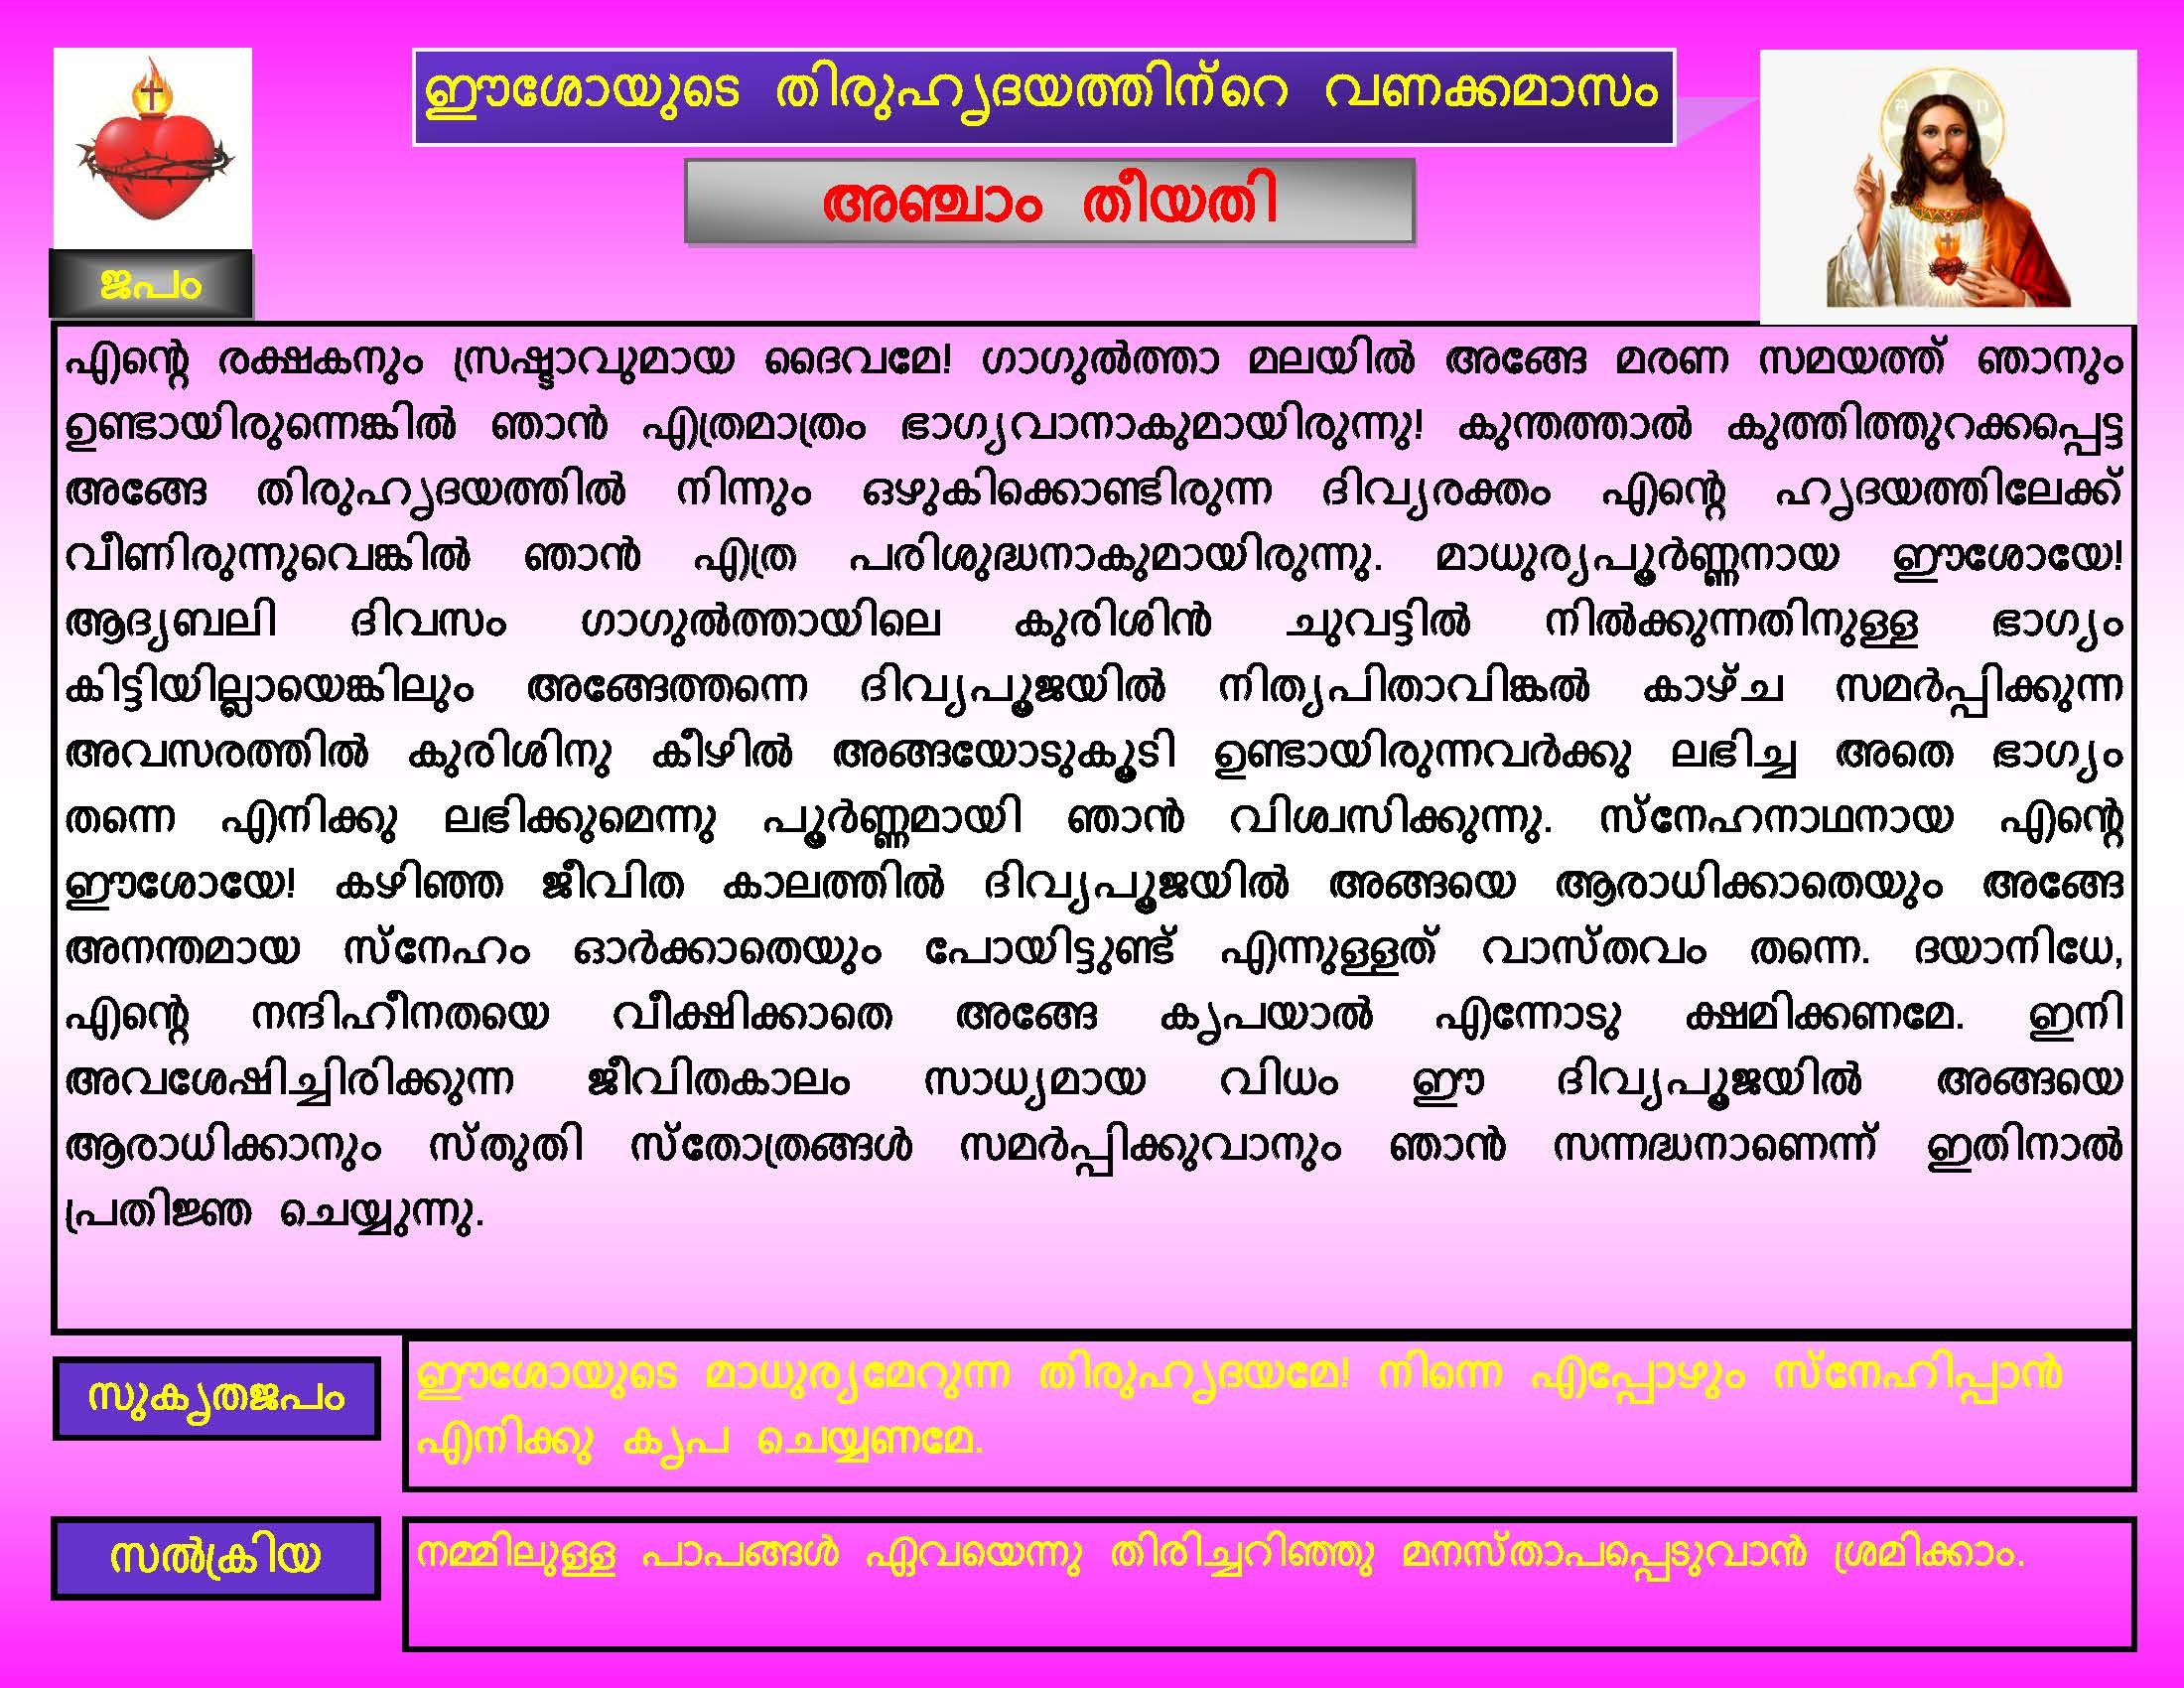 Thiruhrudaya Vanakkamasam - Day 5